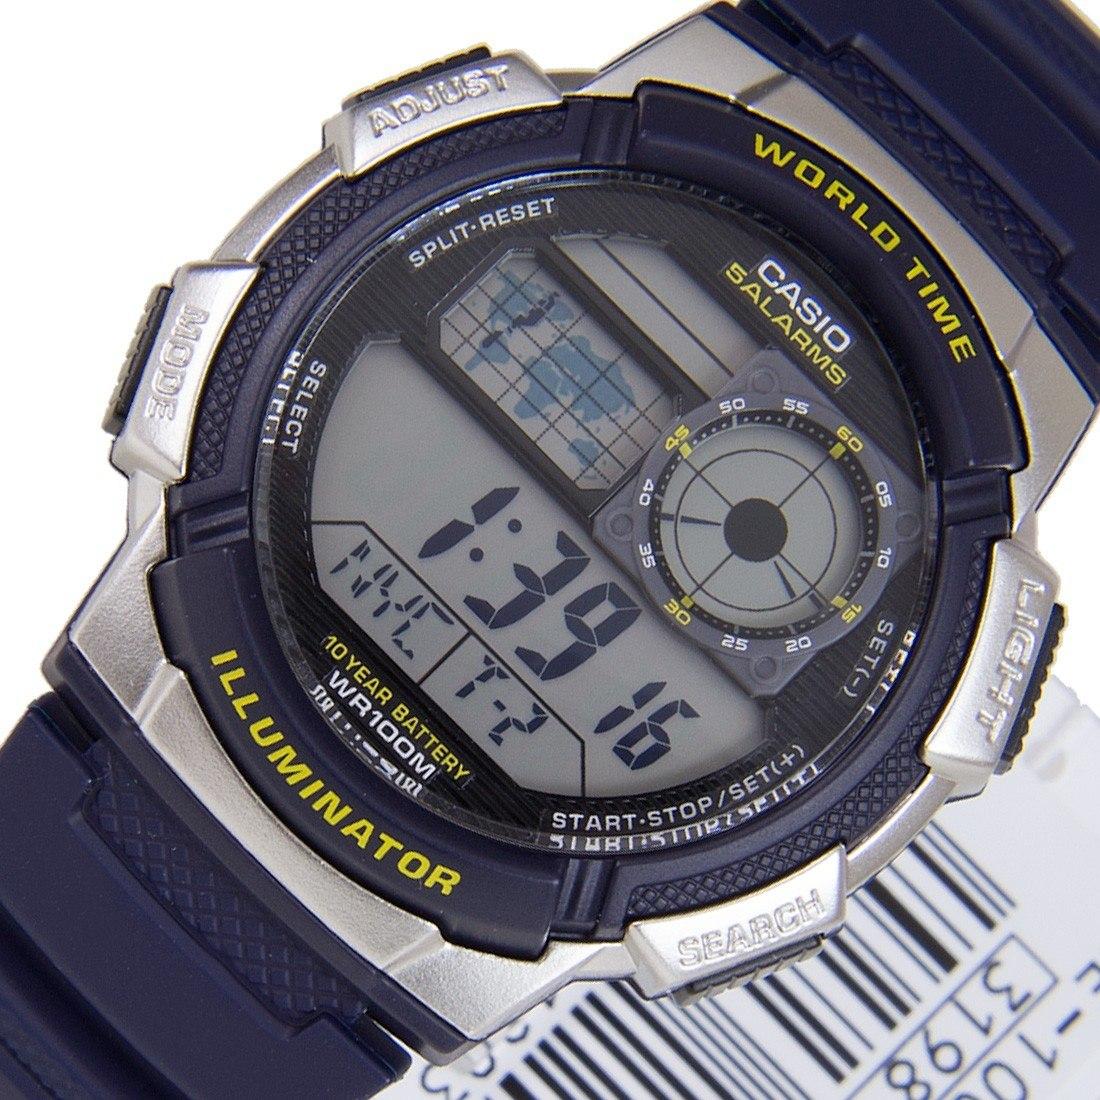 c159eadfd7b relogio casio illuminator horario mundial bateria de 10 anos. Carregando  zoom.